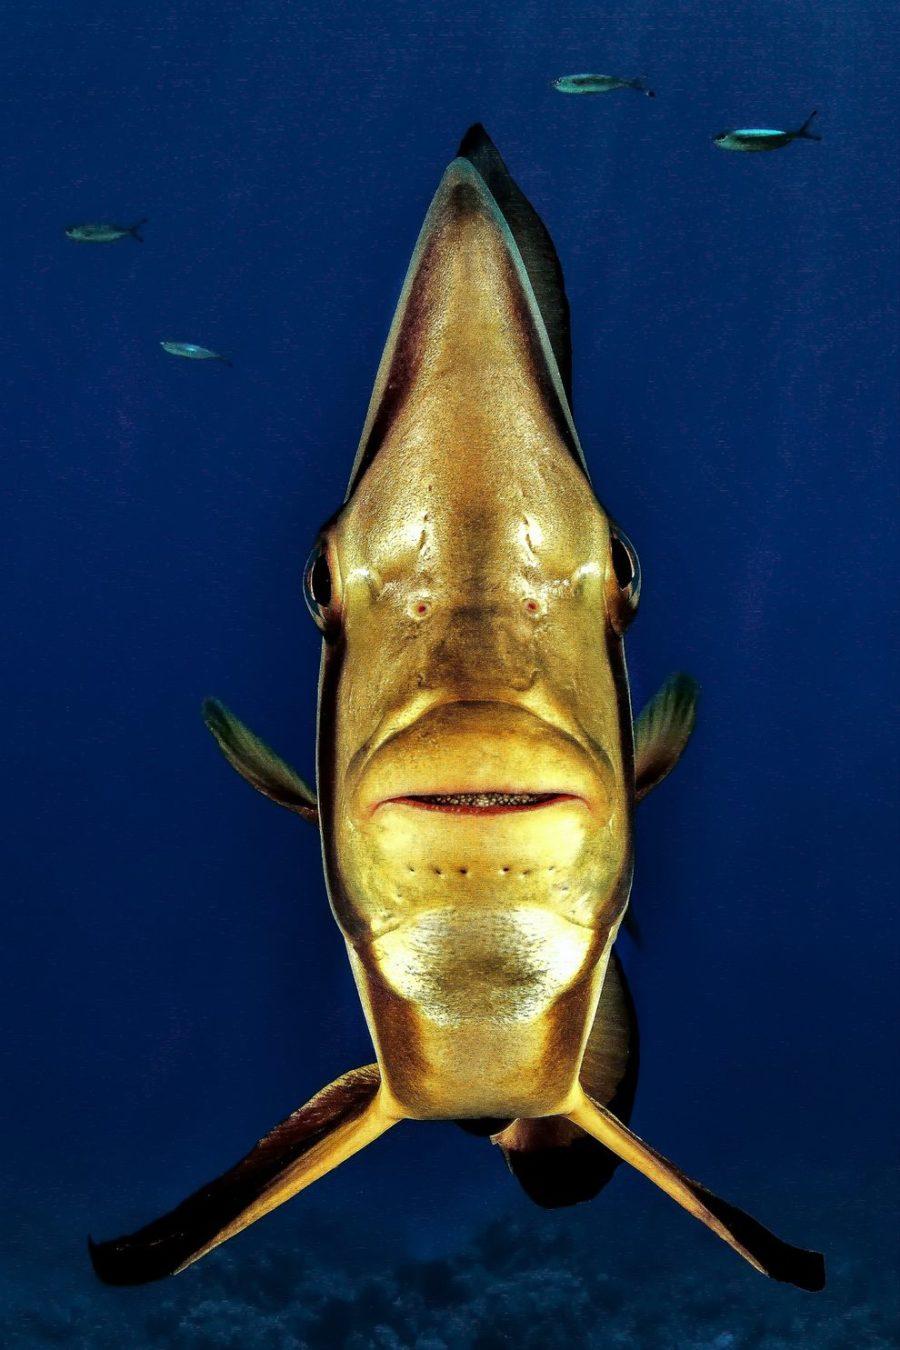 تصاویری شگفت انگیز از دنیای زیر آب که هر بیننده ای را متحیر خواهند کرد